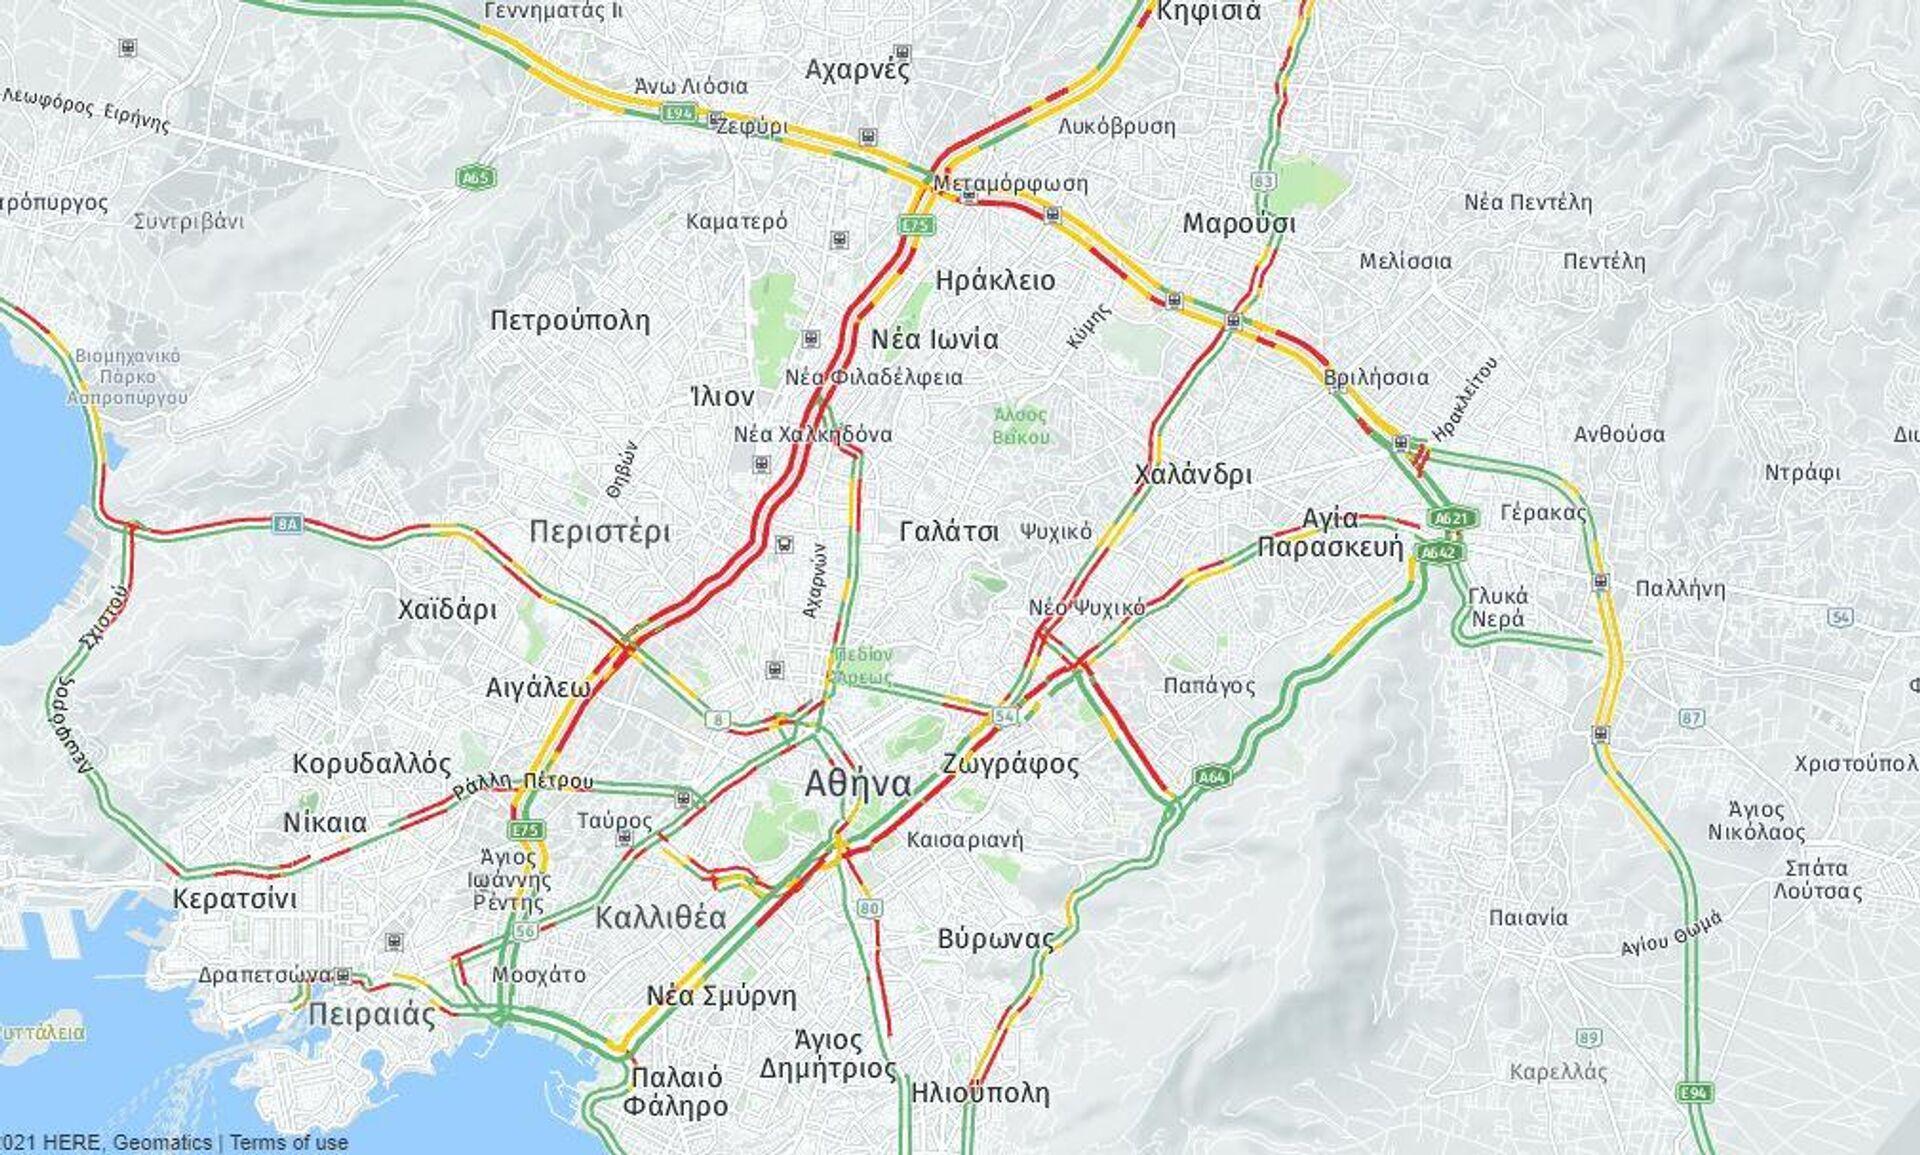 Κίνηση στους δρόμους (14/10 ώρα 08:30) - Sputnik Ελλάδα, 1920, 14.10.2021